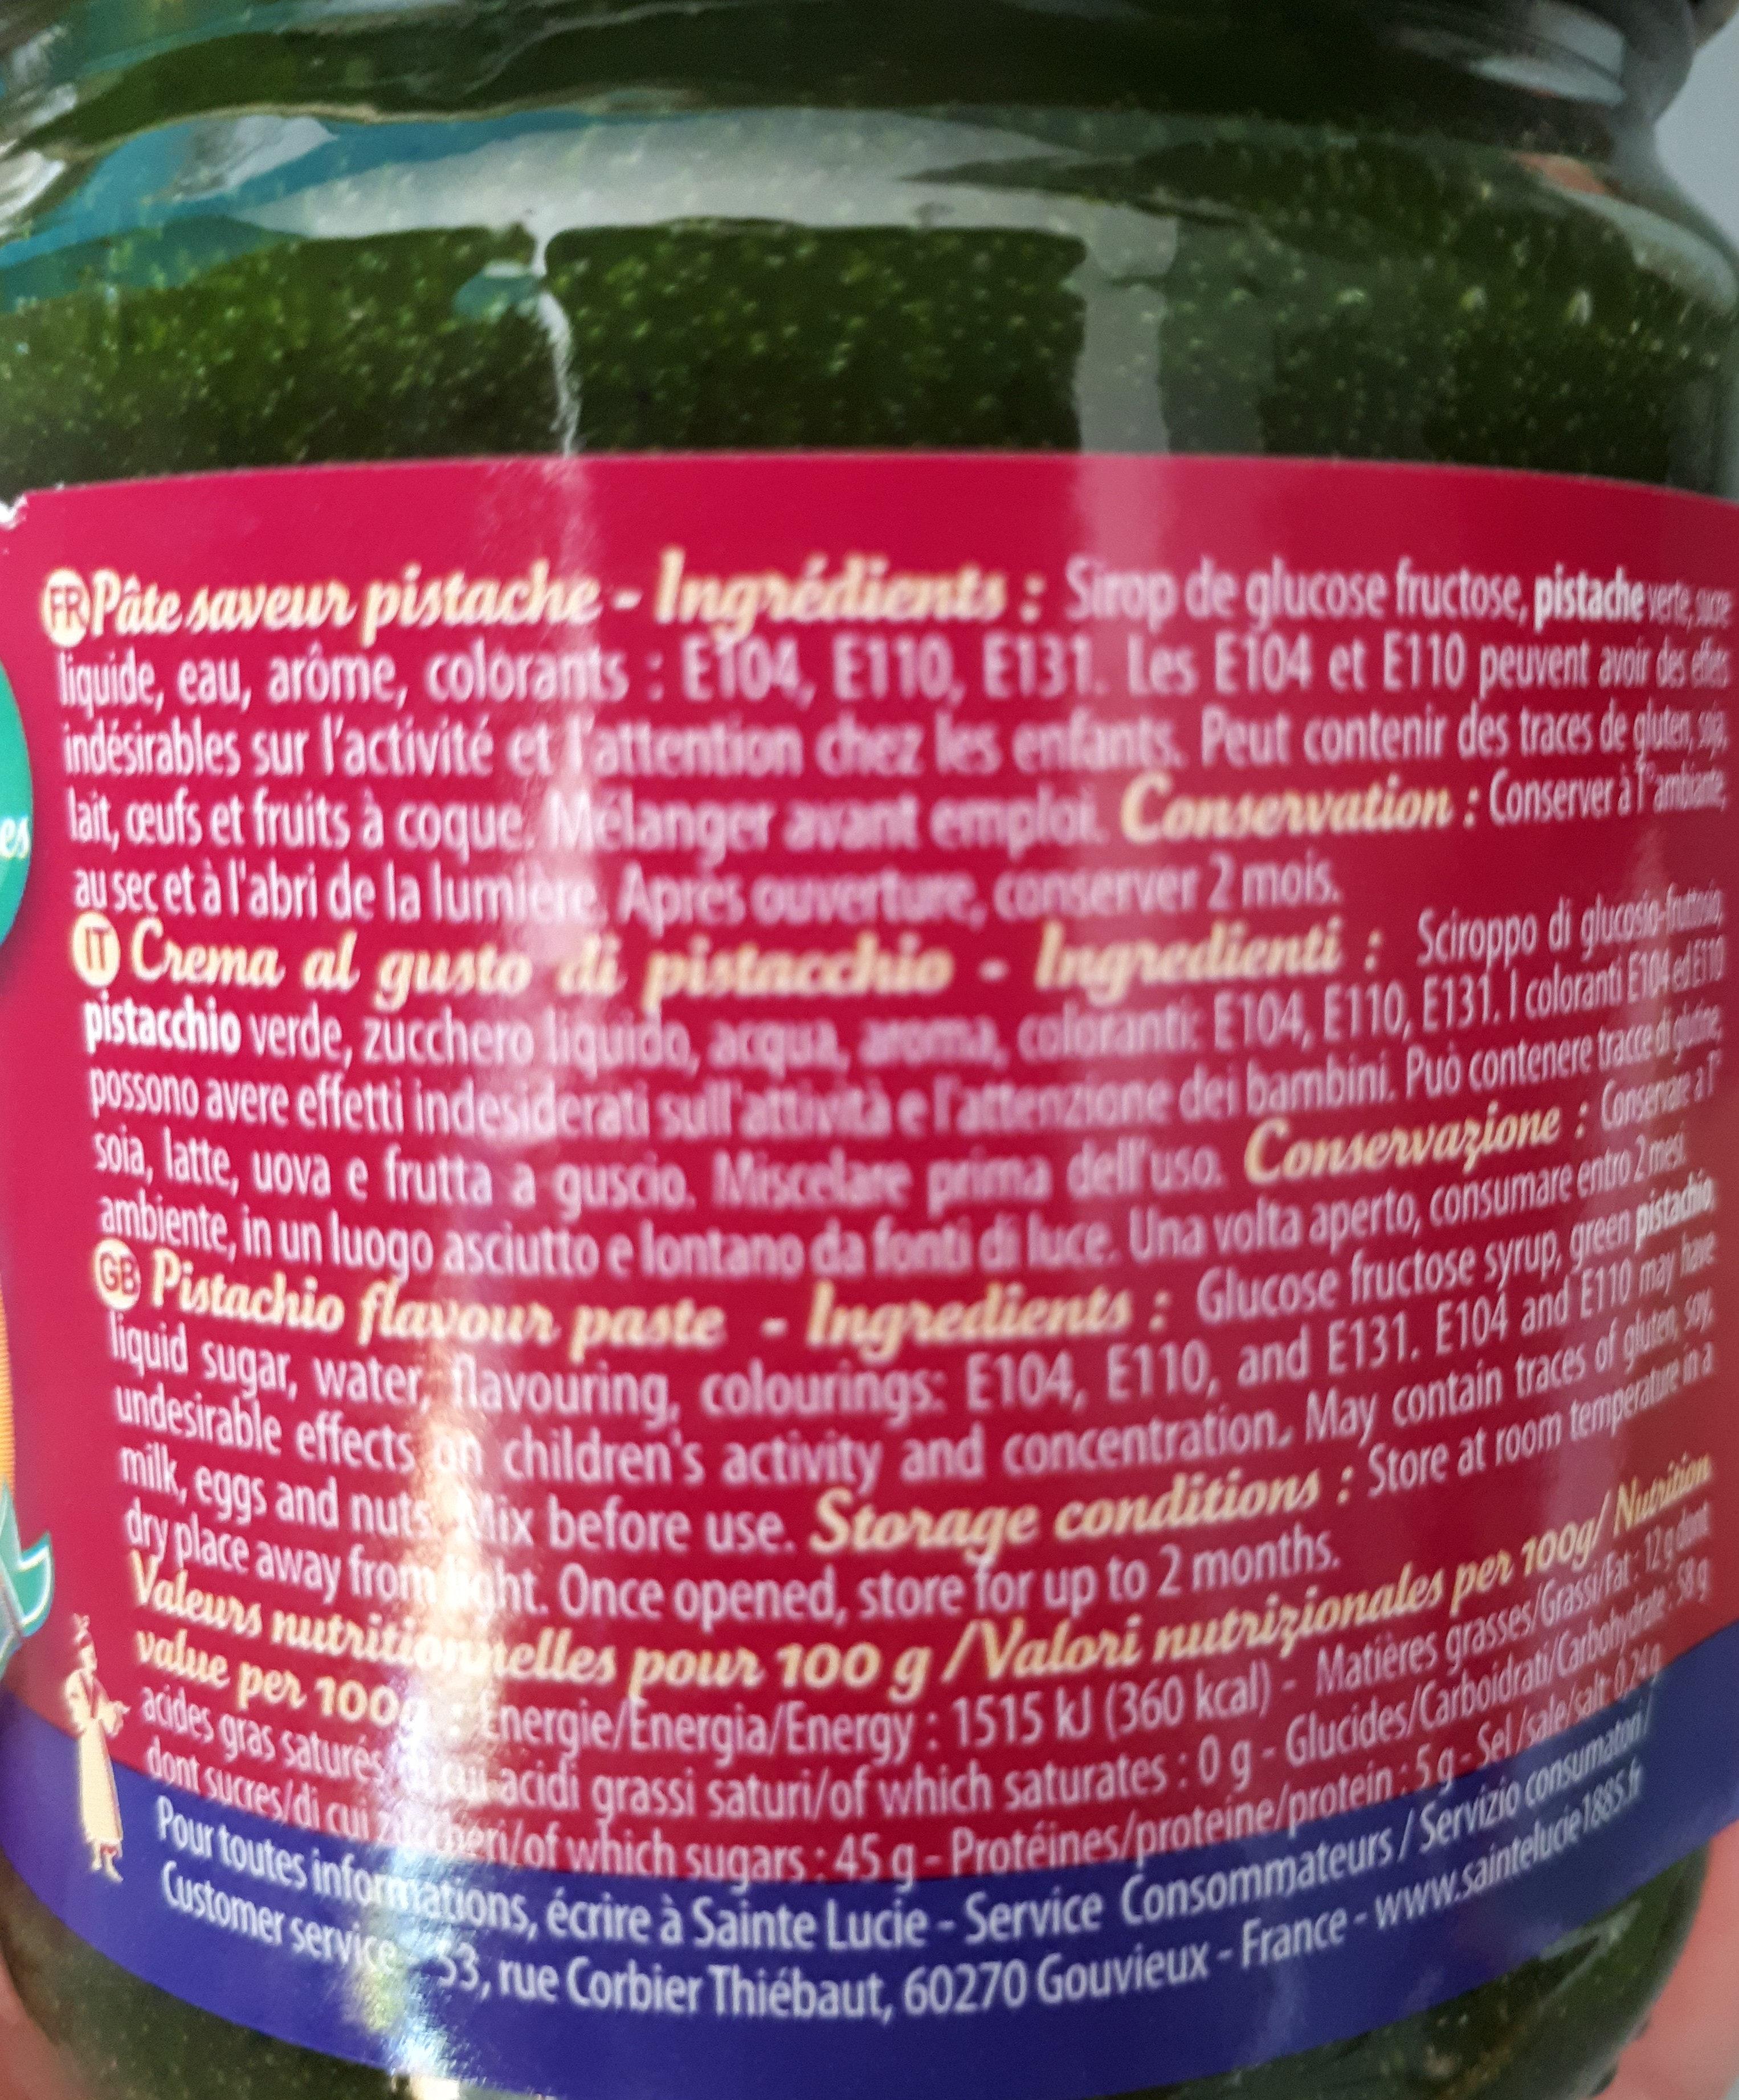 Pâte Saveur Pistache - Informations nutritionnelles